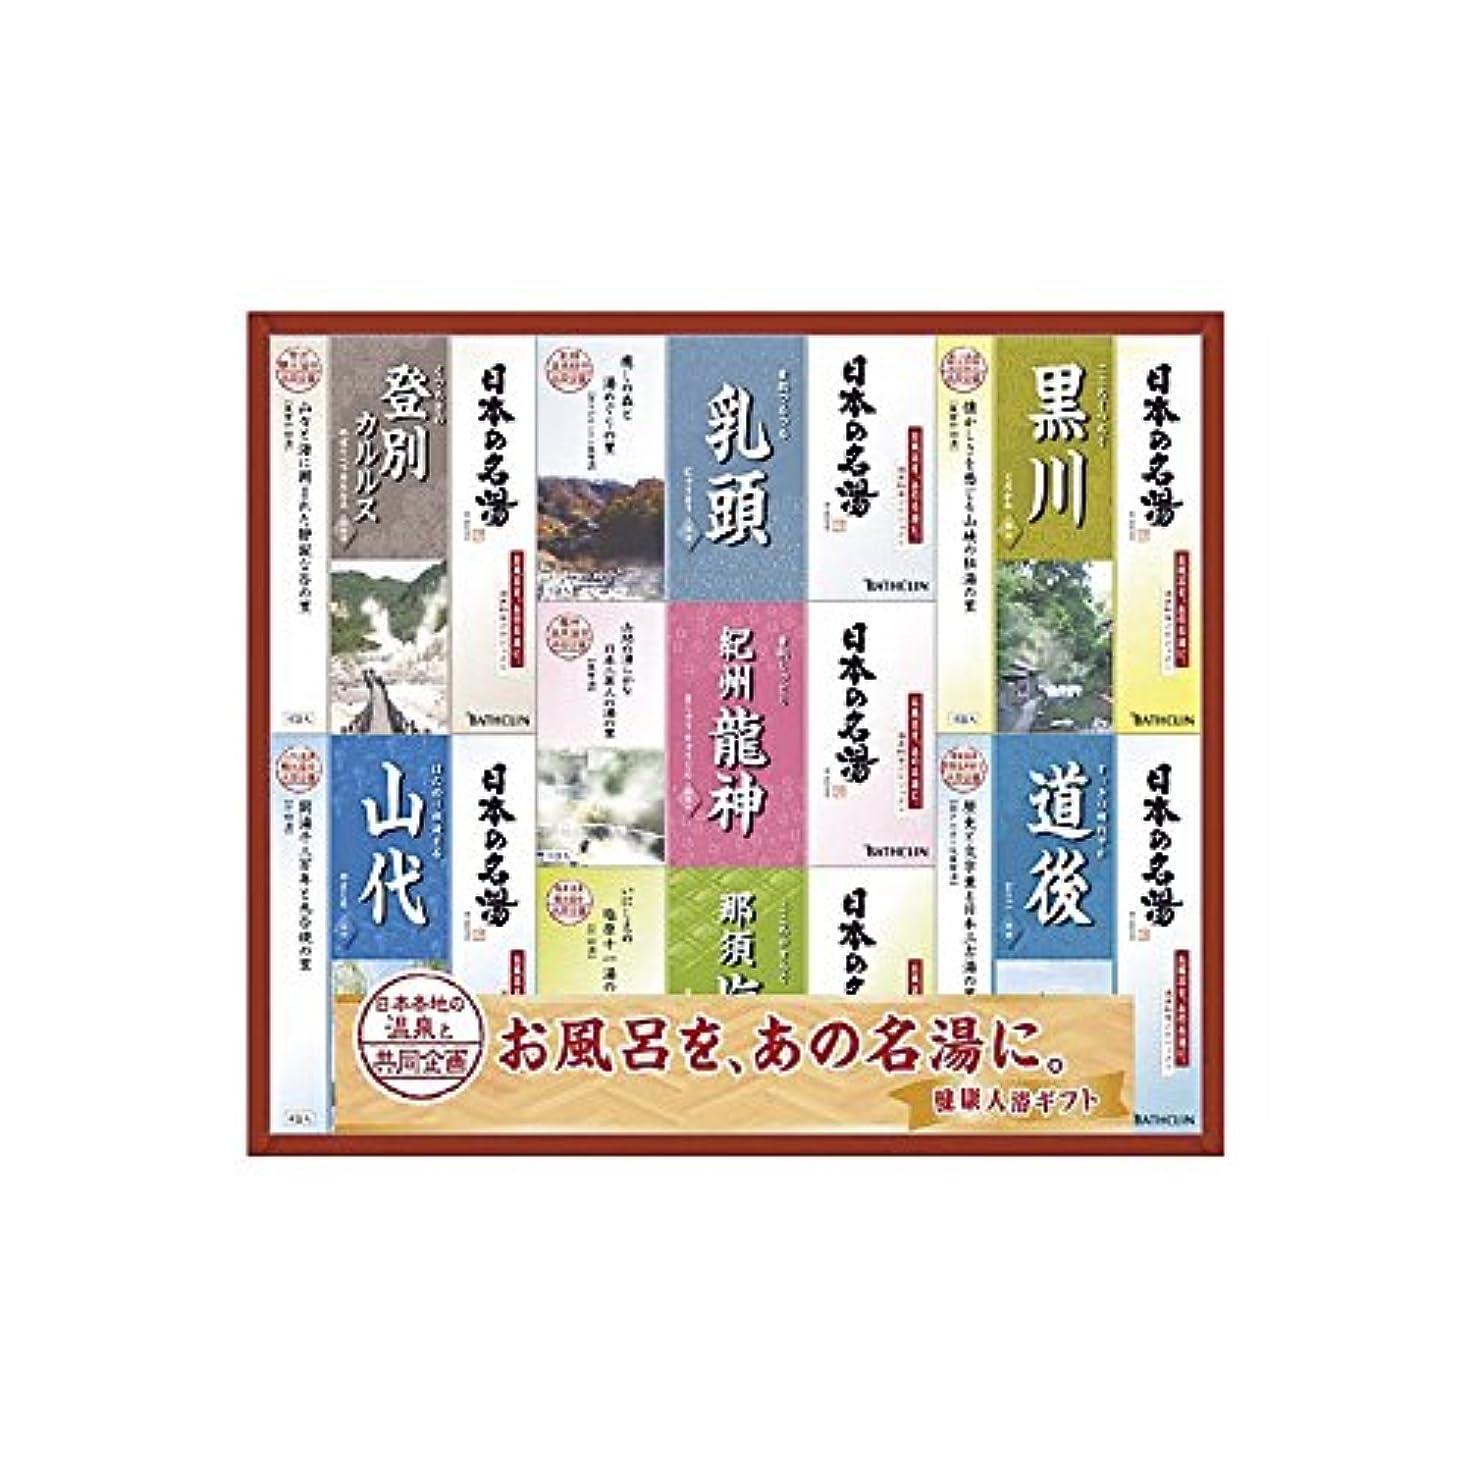 バスクリン 日本の名湯 ギフトセット 【保湿 ギフト 温泉 発汗 セット あったまる いろいろ うるおい うるおう しっとり すべすべ はっかん 極楽 ごくらく ゆったり ばすくりん 2500】